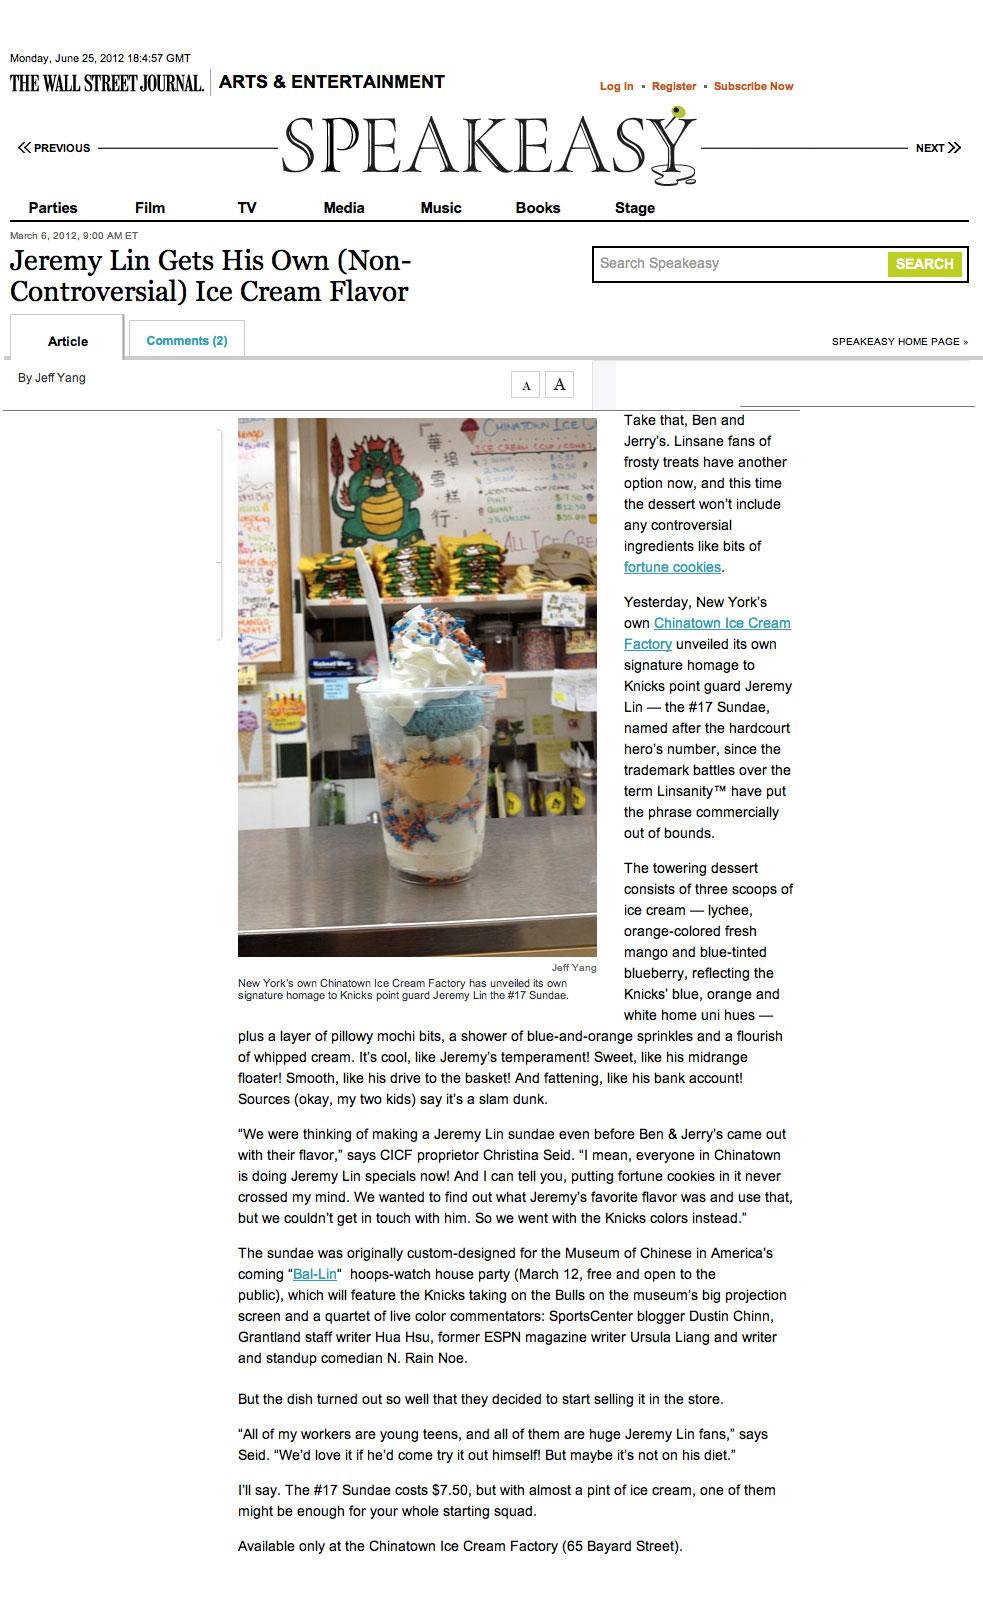 press_2012-03-06_press_speakeasy.jpg